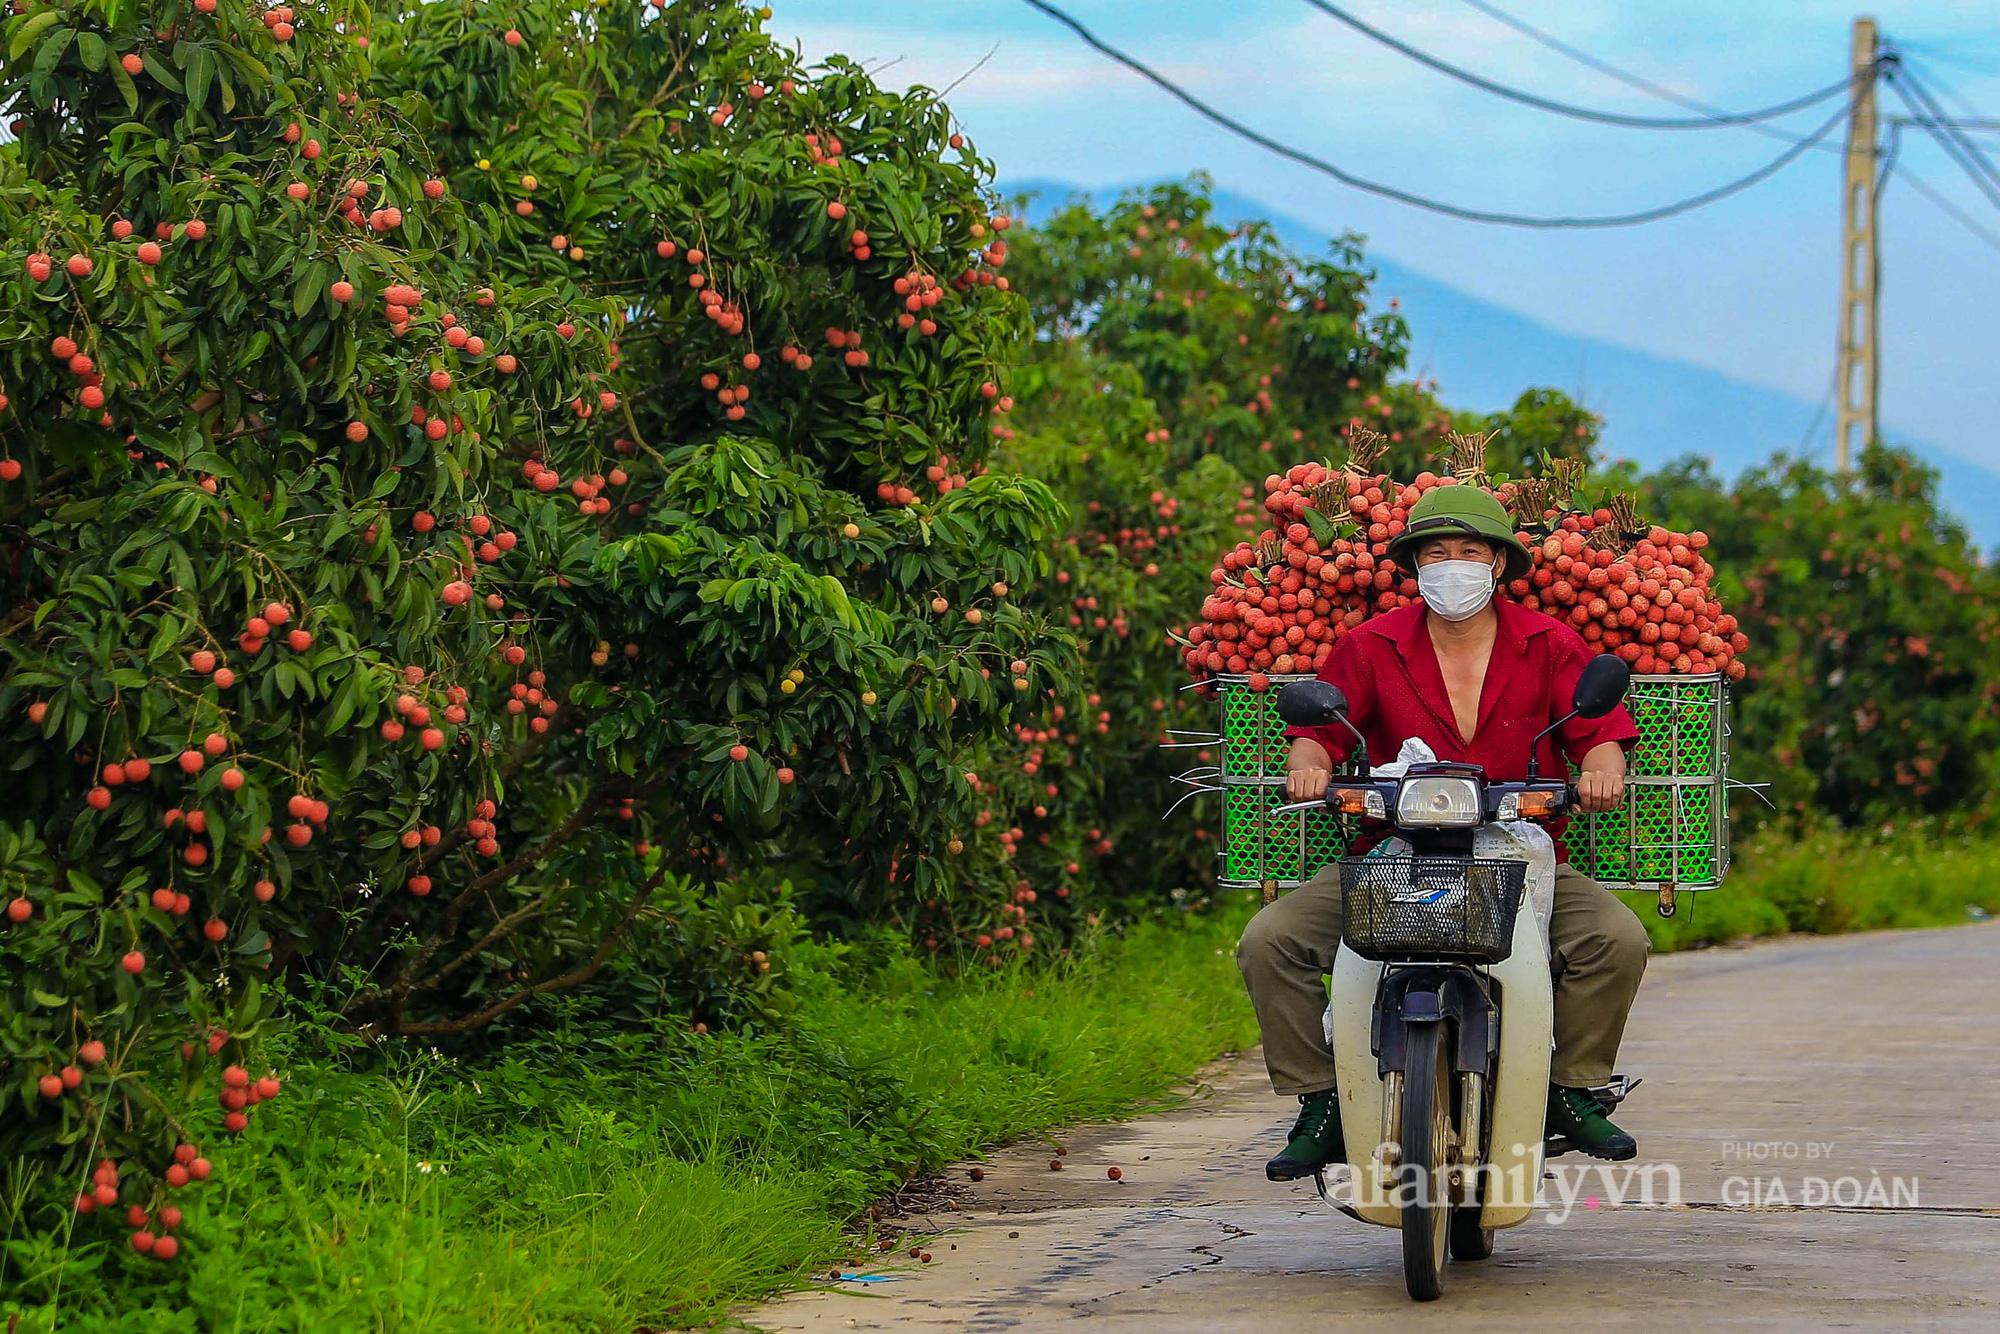 Chợ vải Bắc Giang nhộn nhịp vào mùa - Ảnh 3.